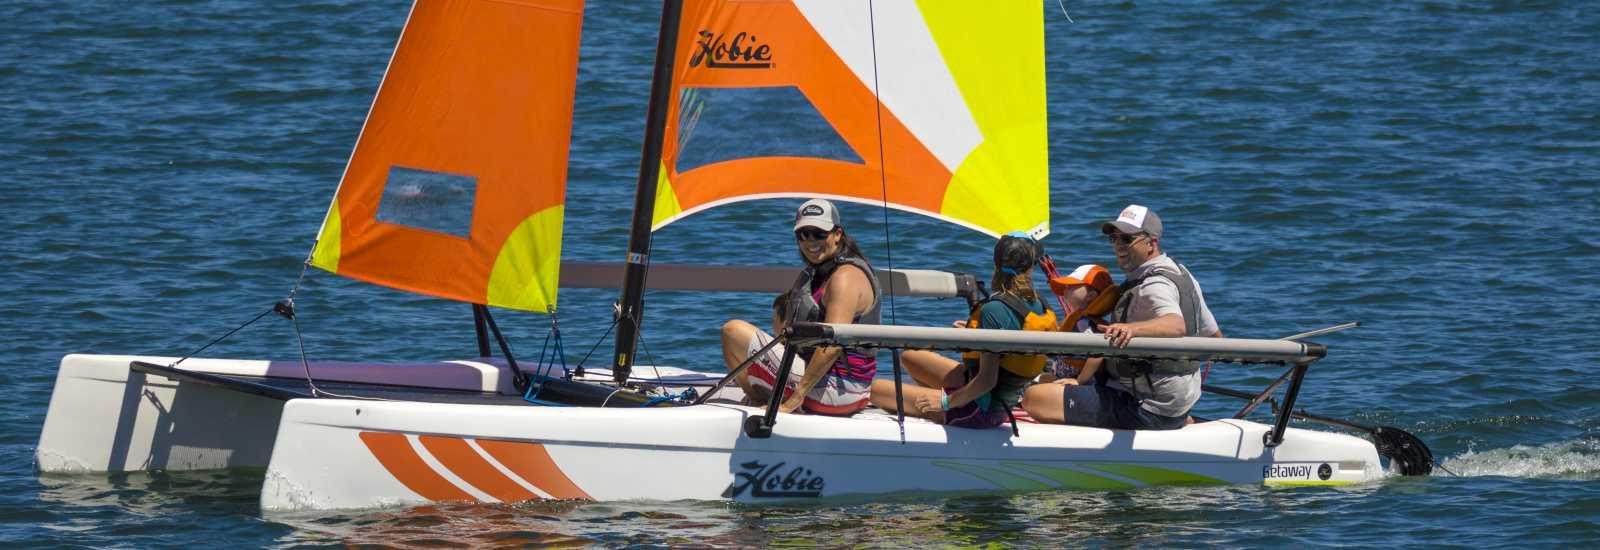 West Coast Sailing - Small Sailboats, Parts, and Sailing Apparel